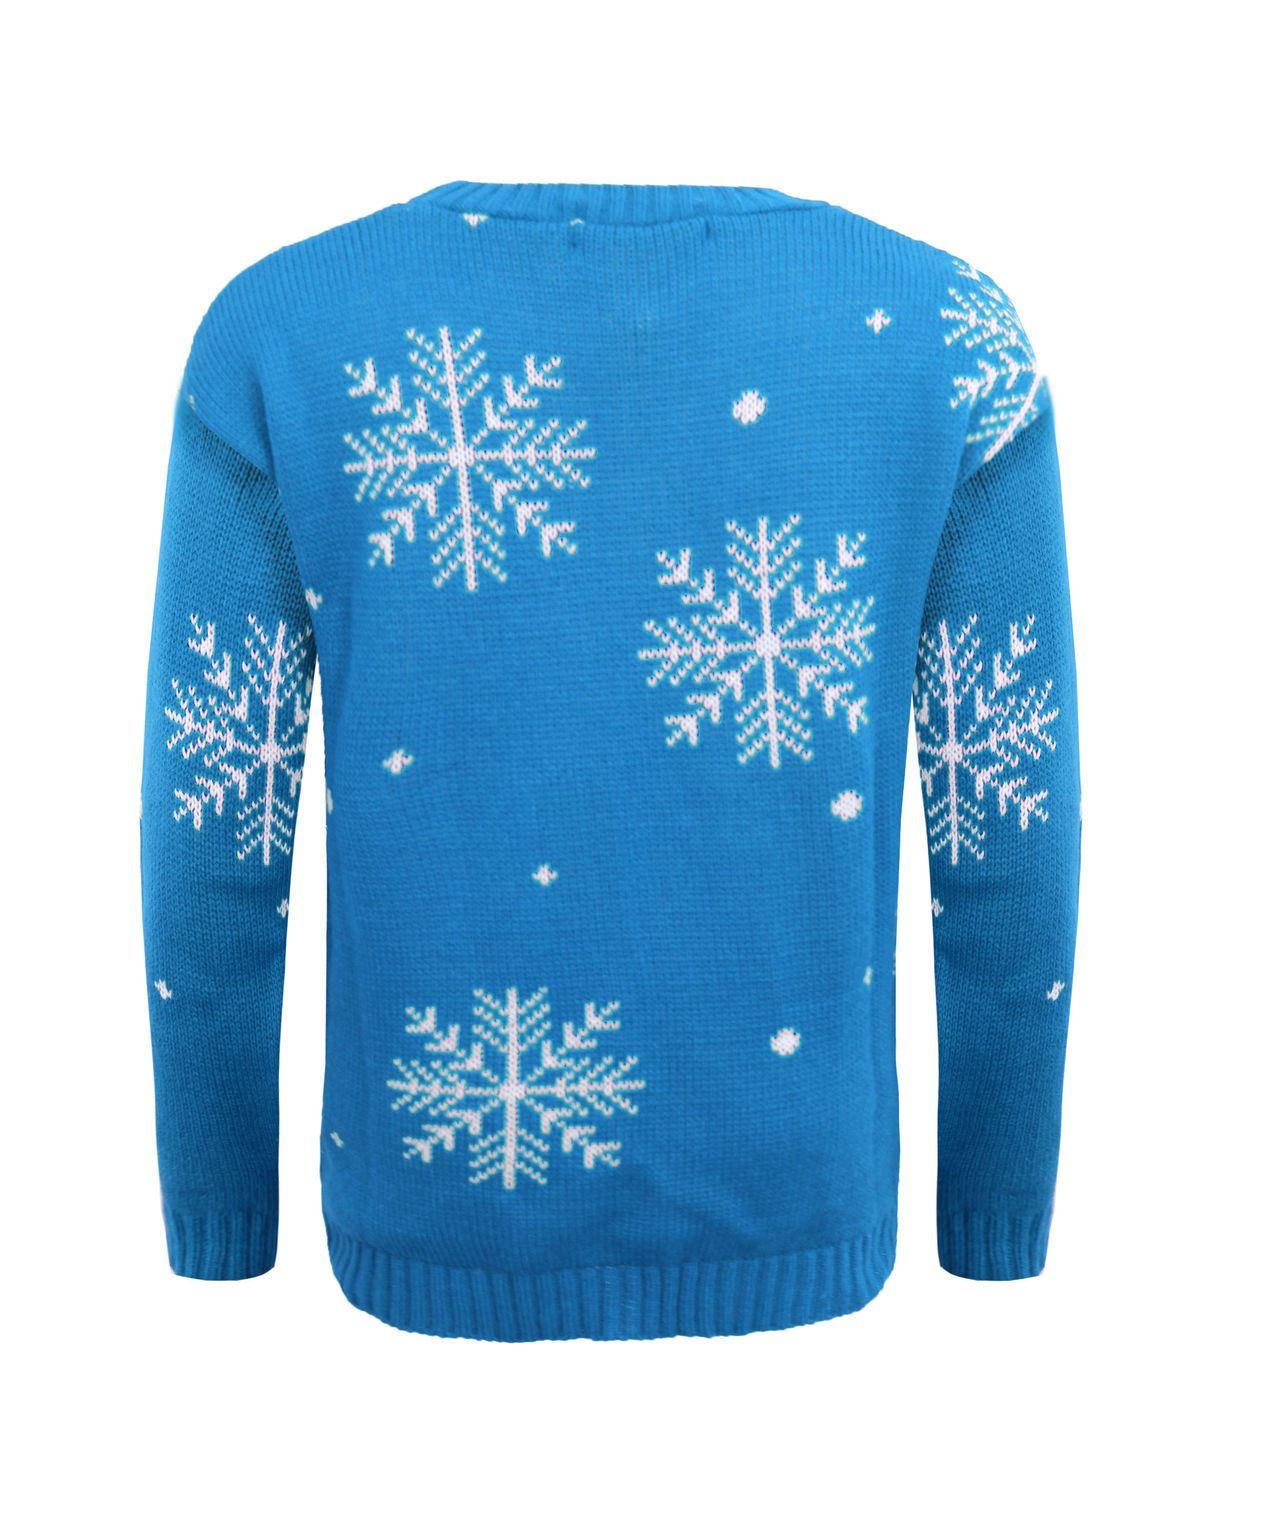 NEW Kids Knitted I Like Warm Hugs Olaf Christmas Xmas ...